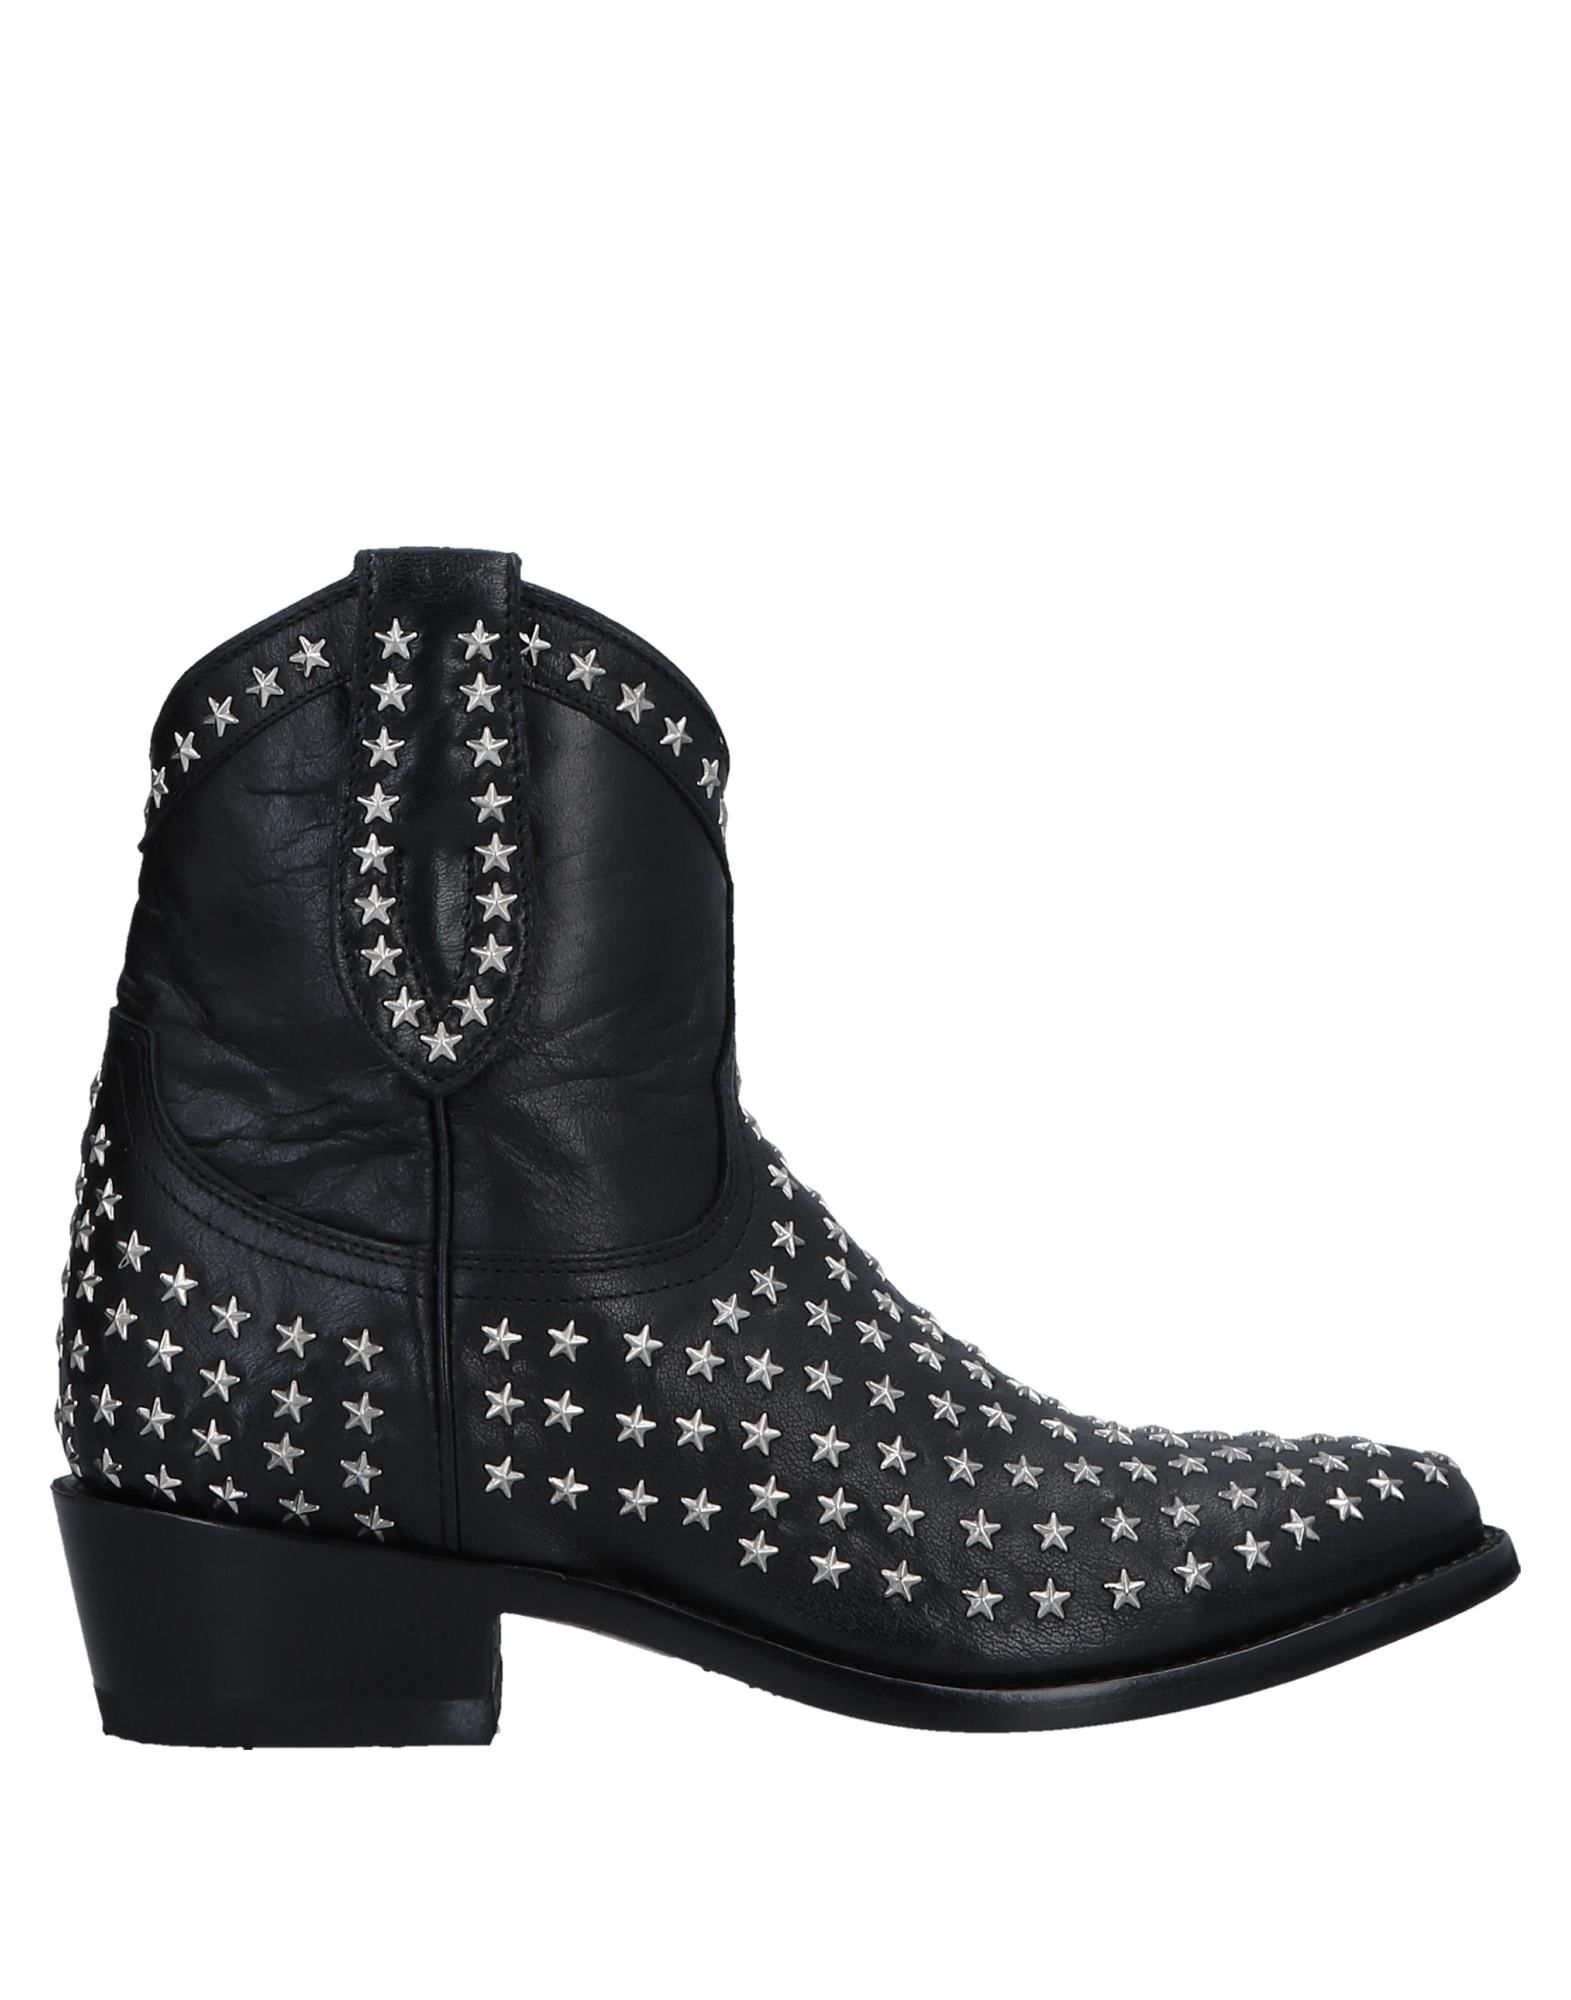 Mexicana Stiefelette Damen  11532325XNGünstige gut aussehende Schuhe